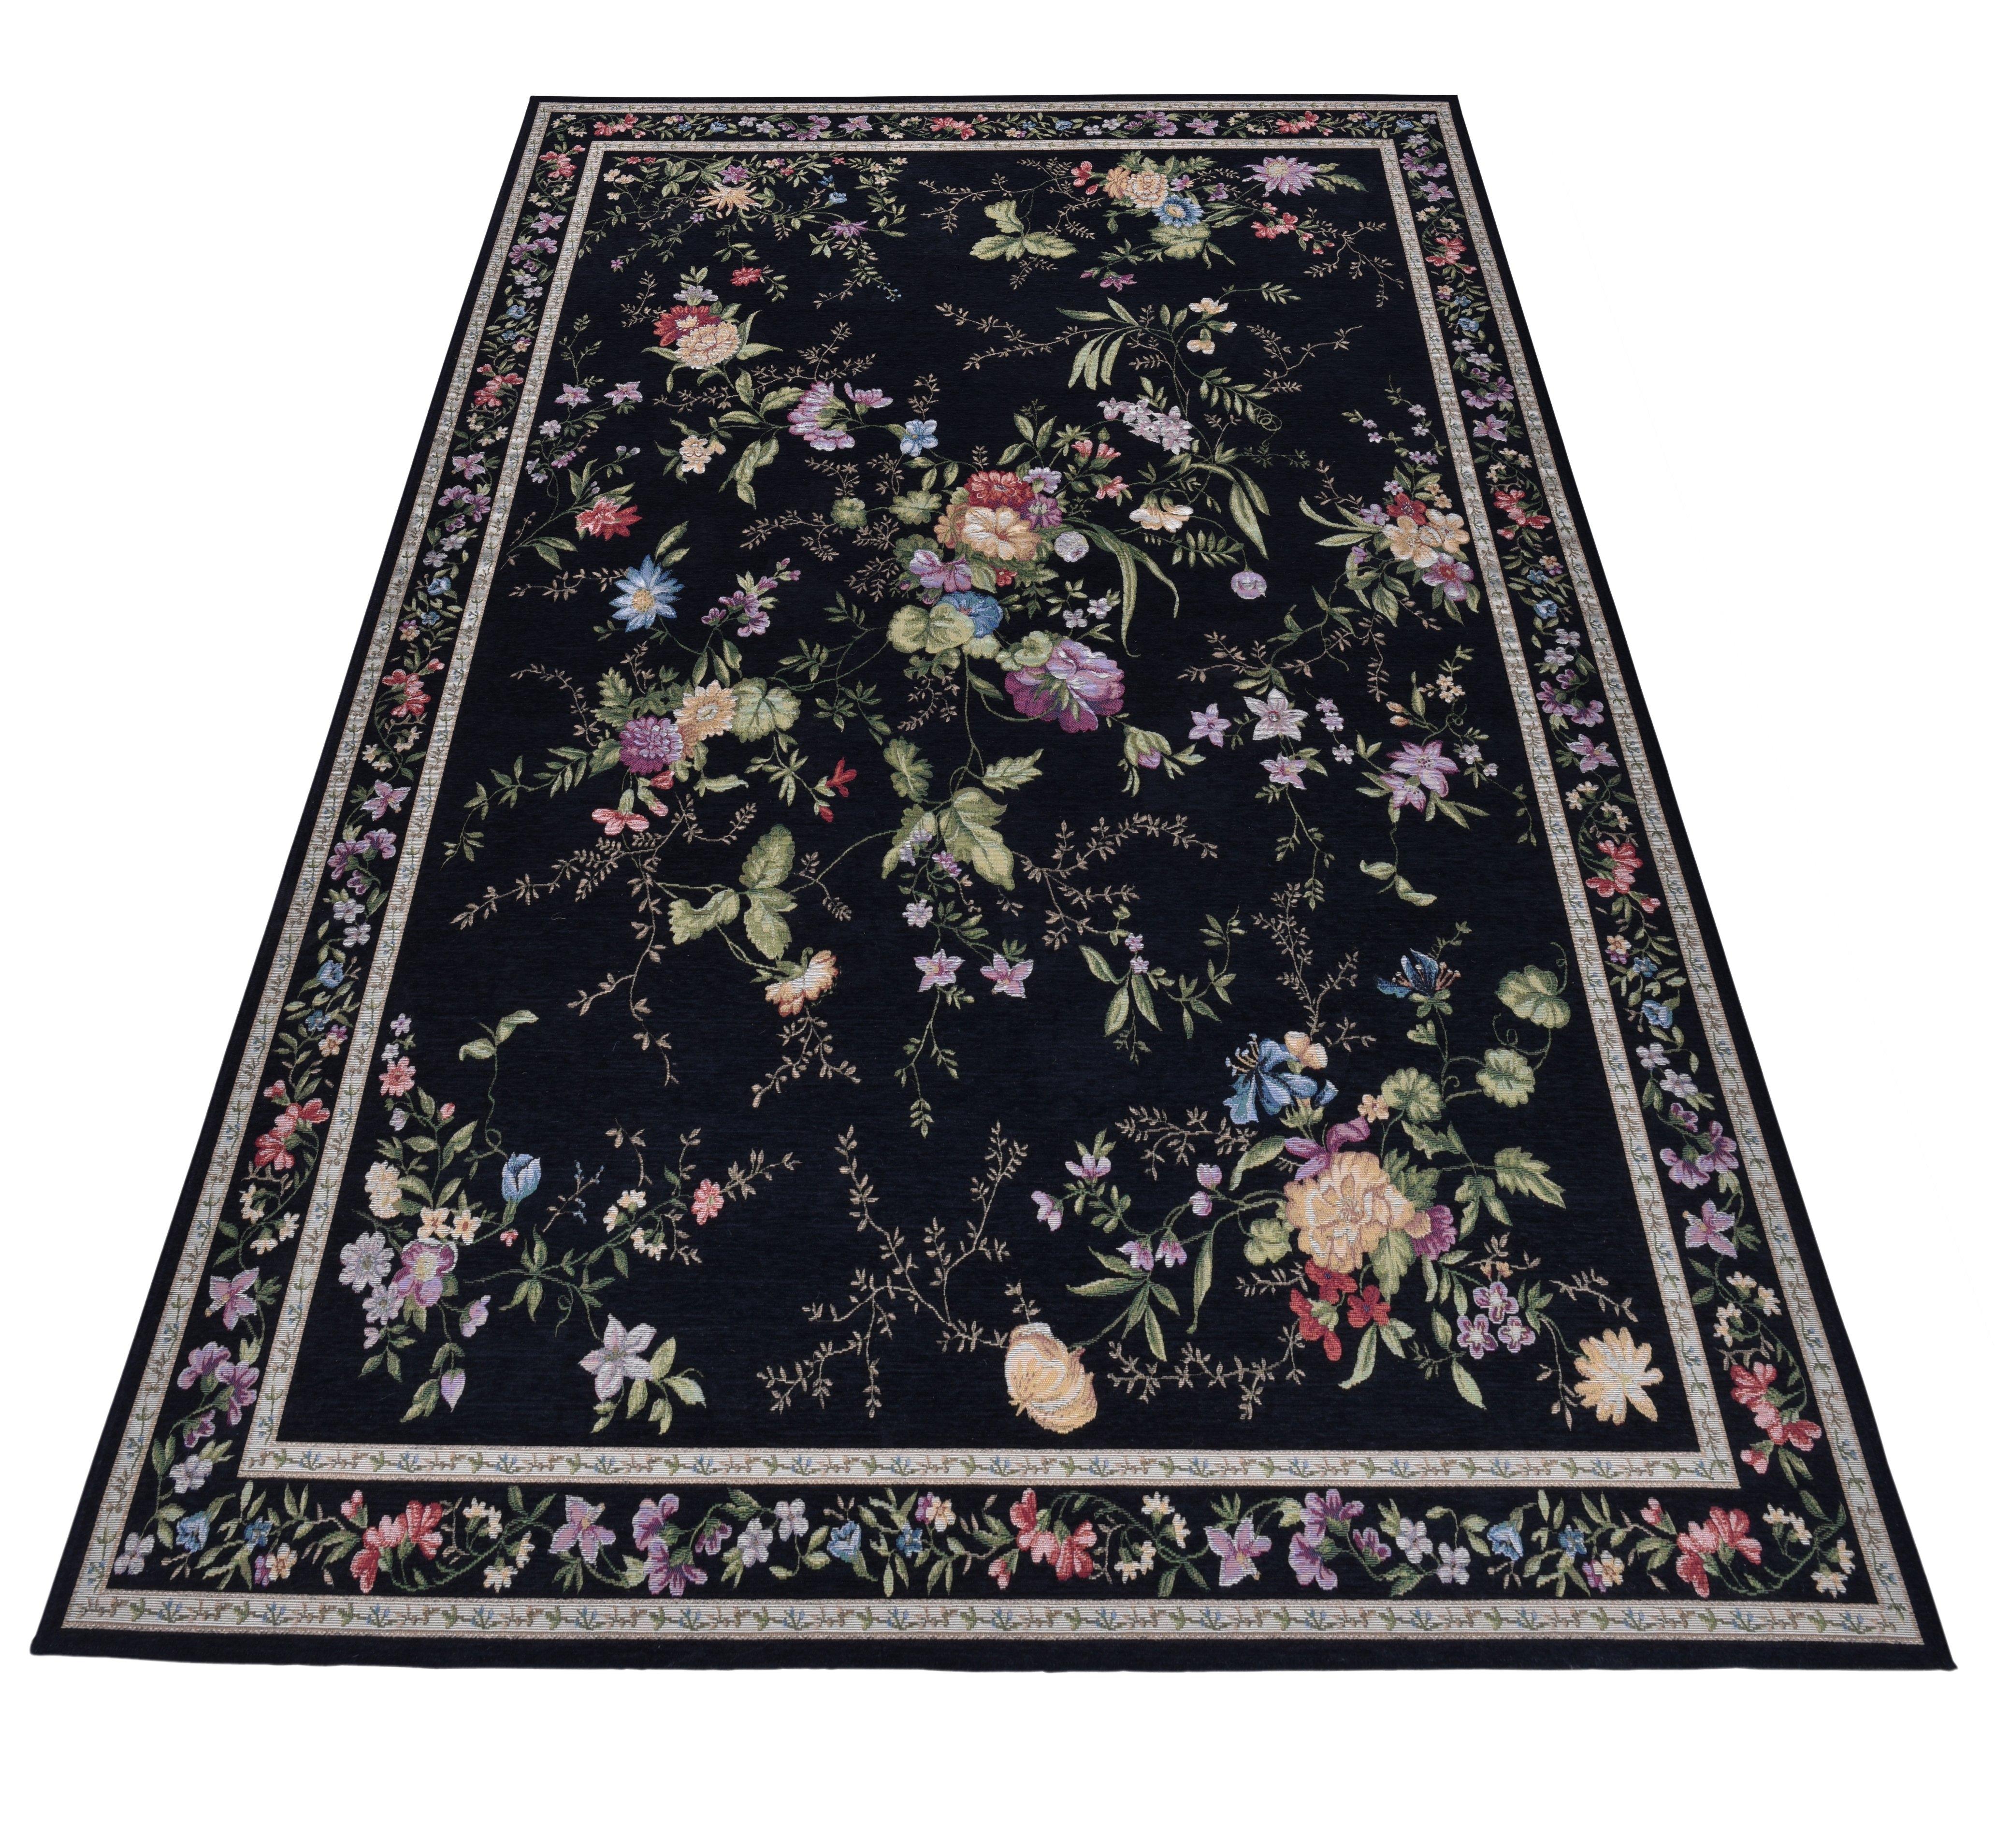 THEKO vloerkleed Flomi Sagrini Platweefsel, pastelkleuren, bloemen design, woonkamer nu online bestellen